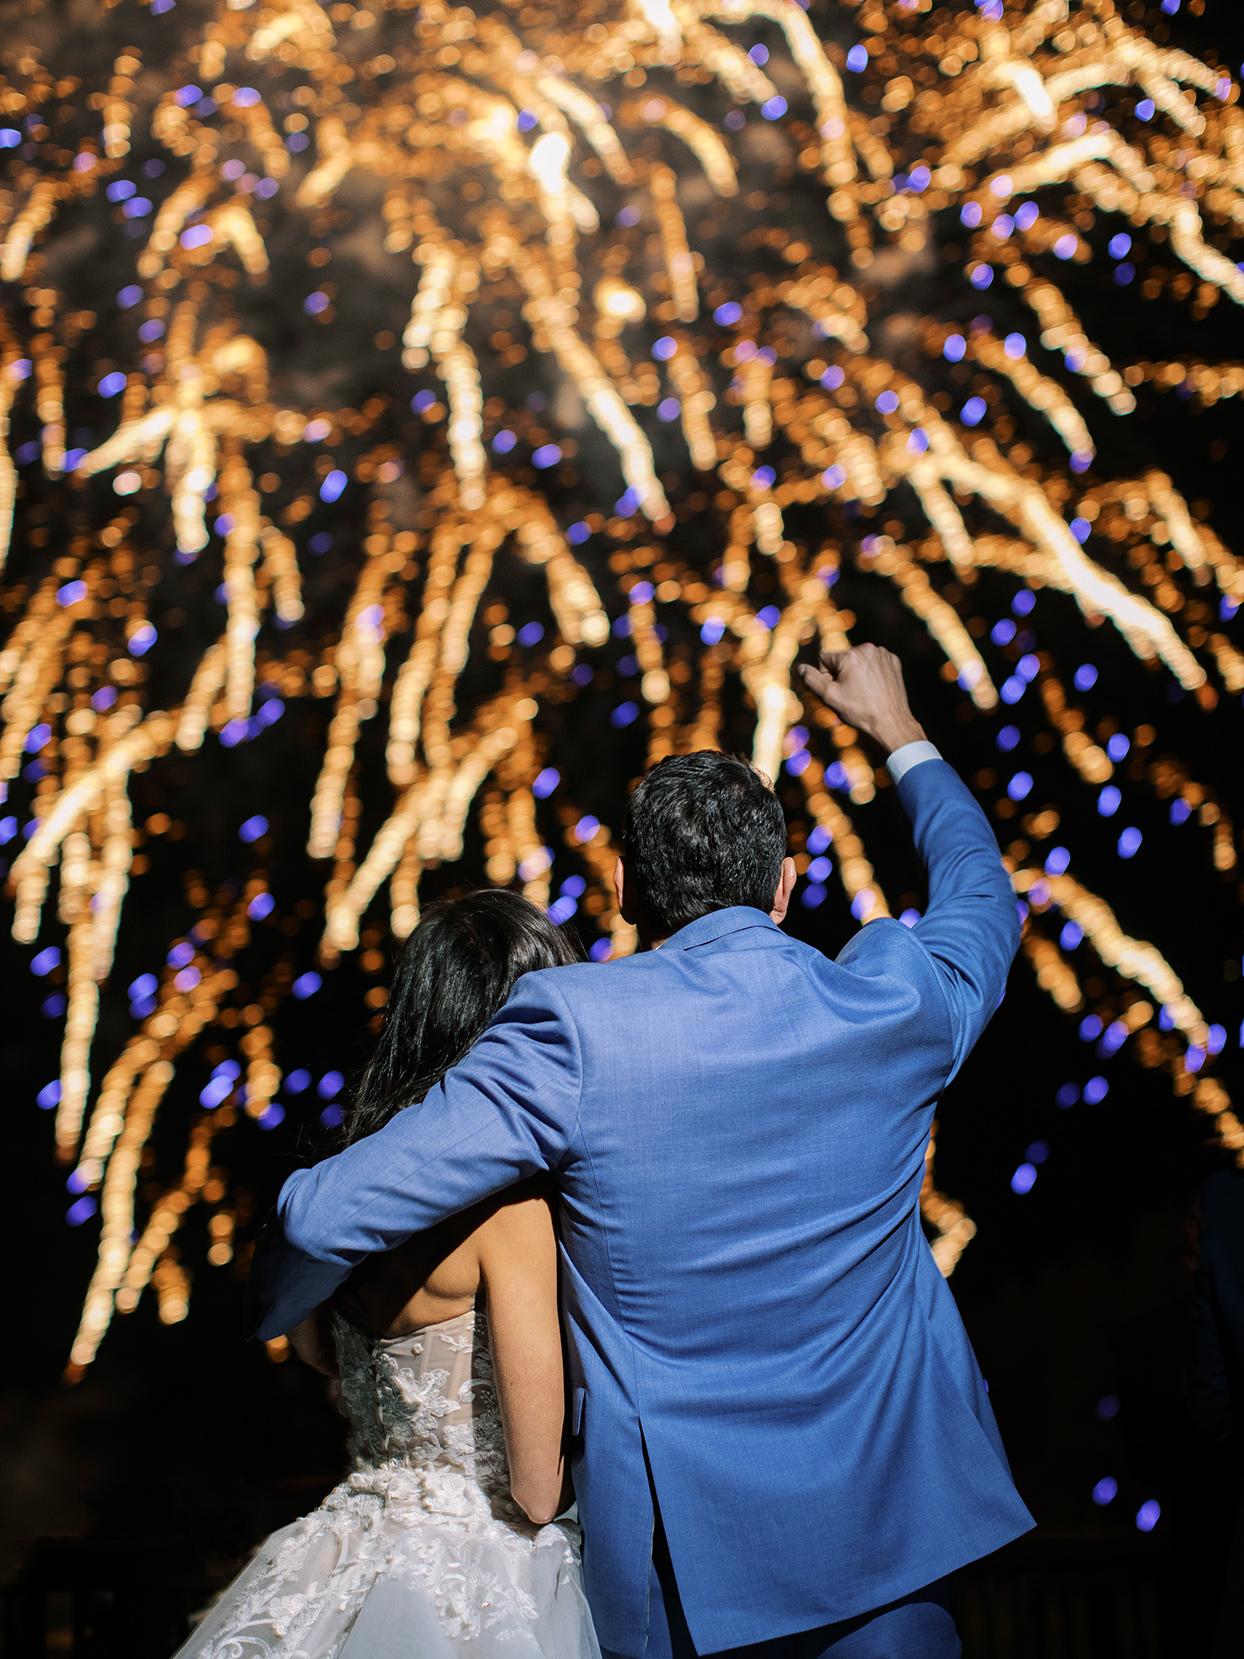 asha andrew wedding couple watching fireworks